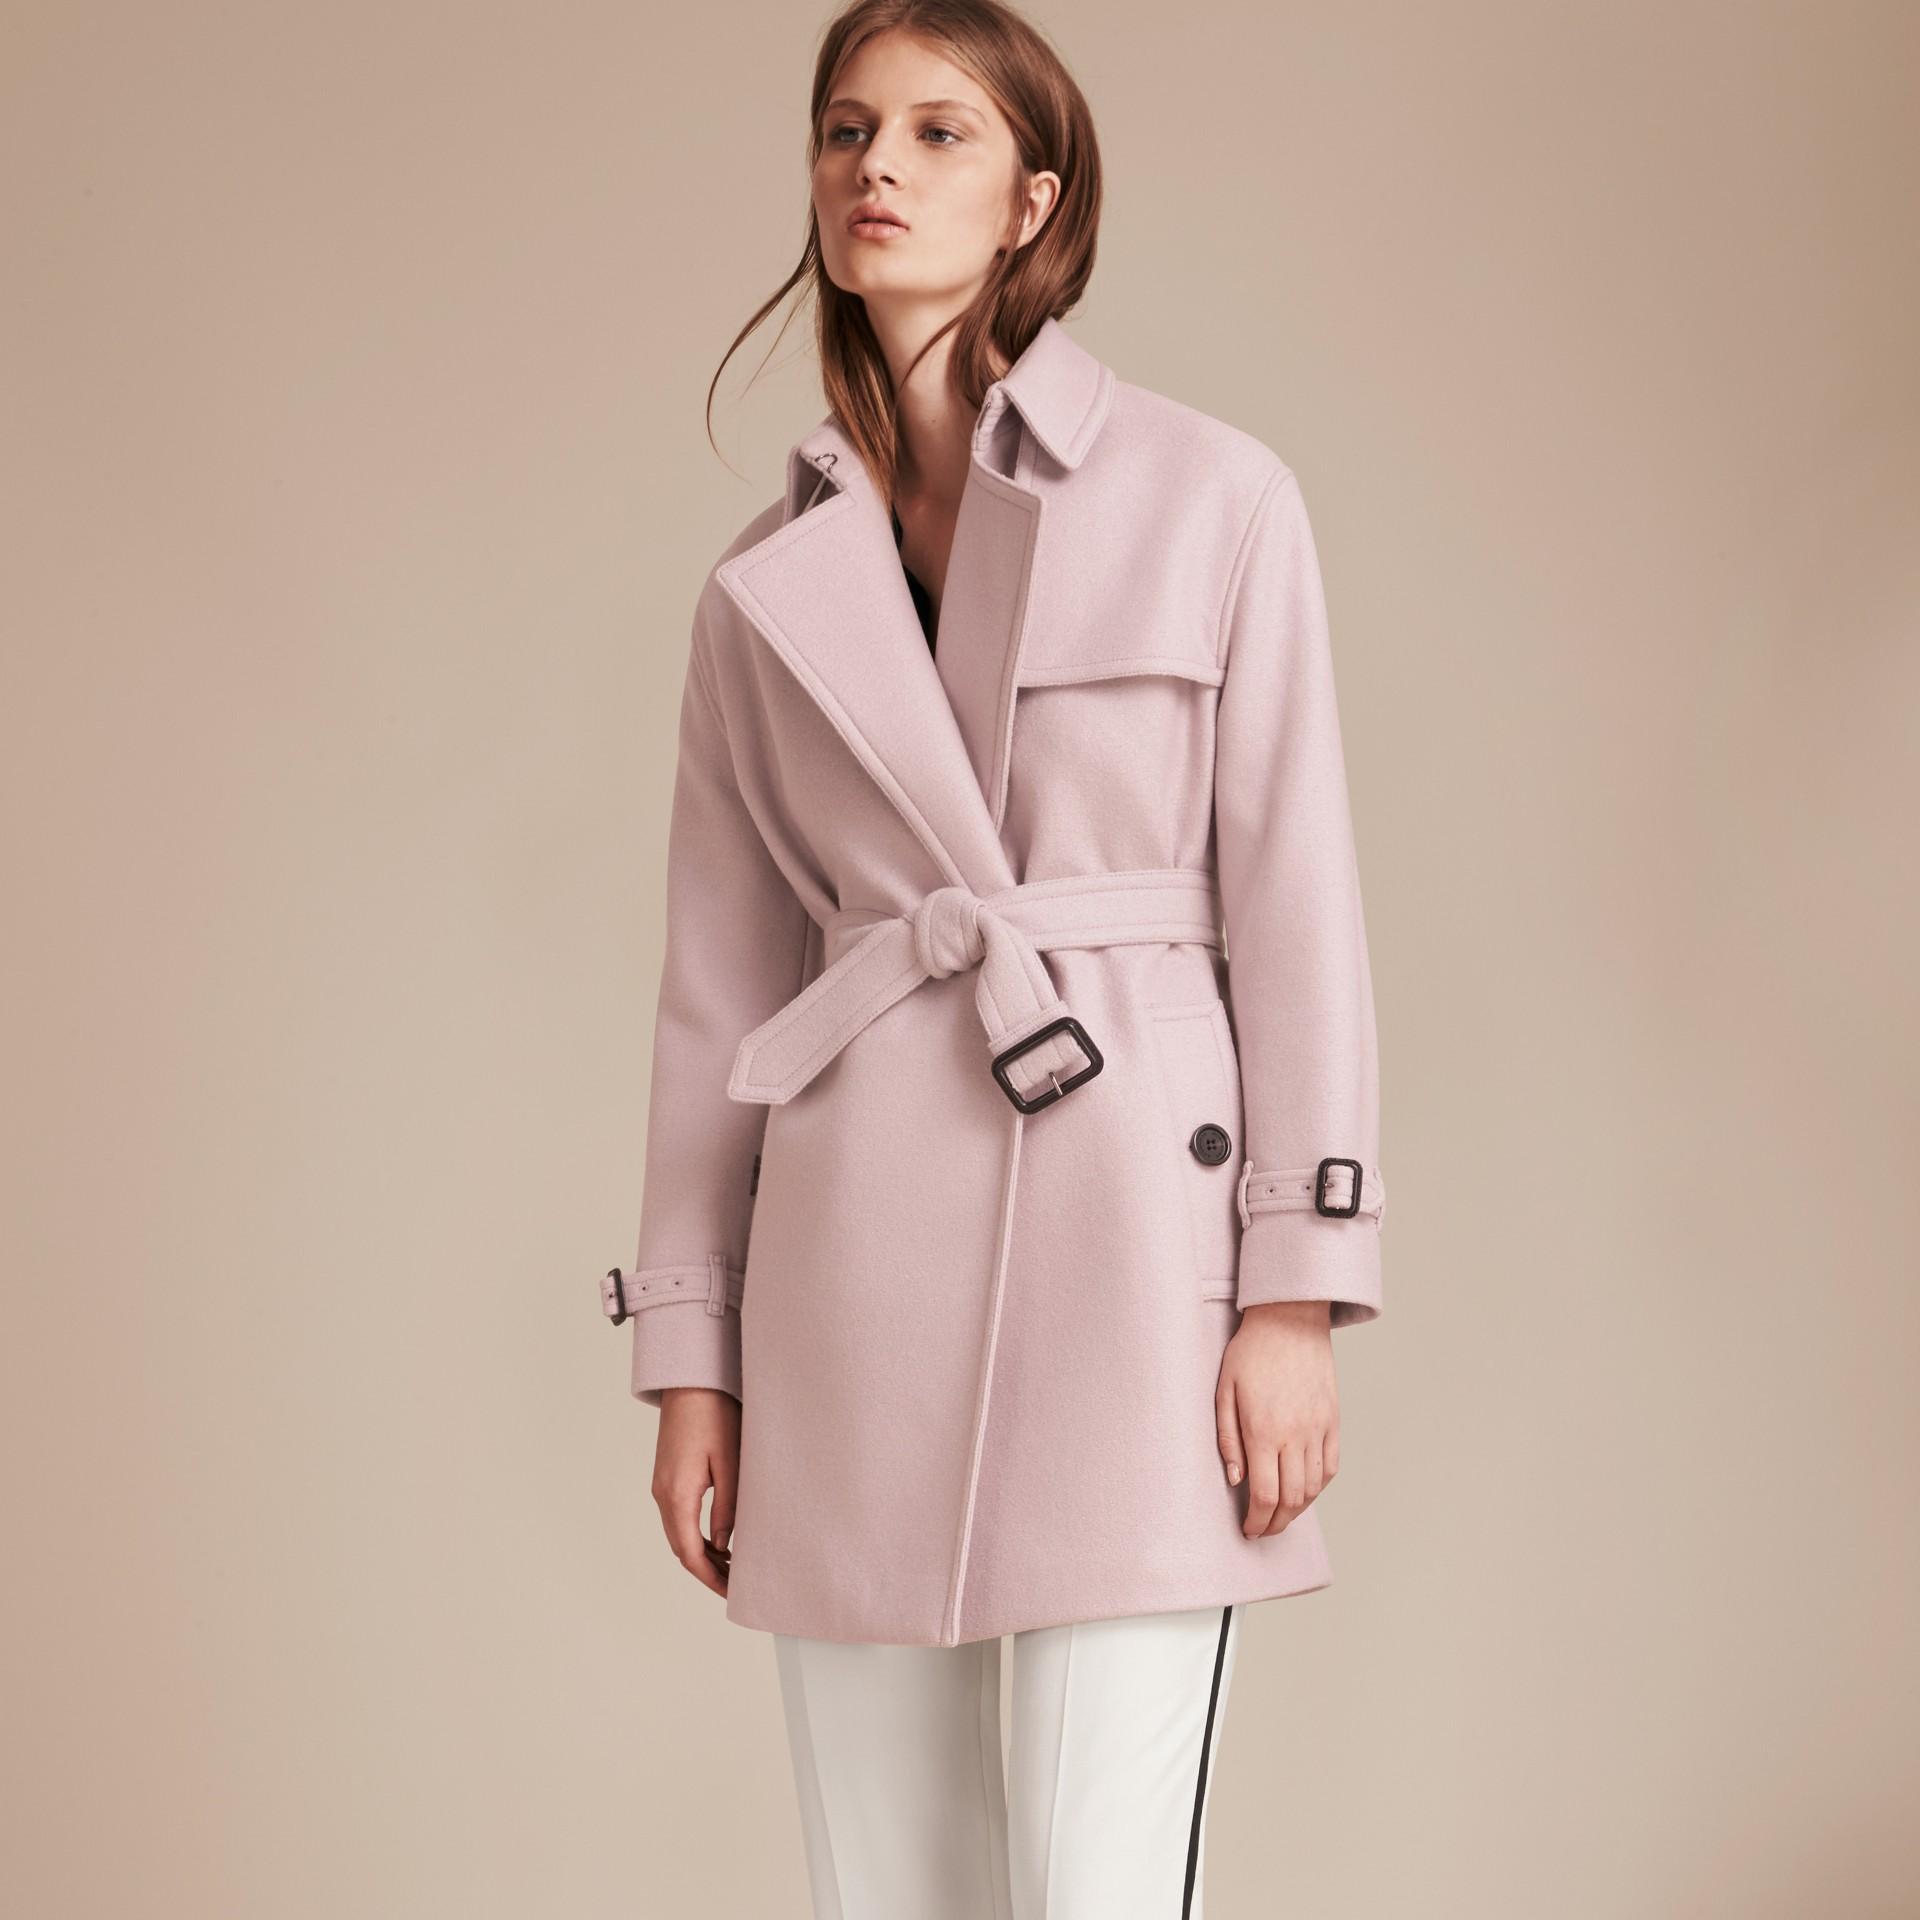 淡紫色 羊毛裹身風衣 - 圖庫照片 6